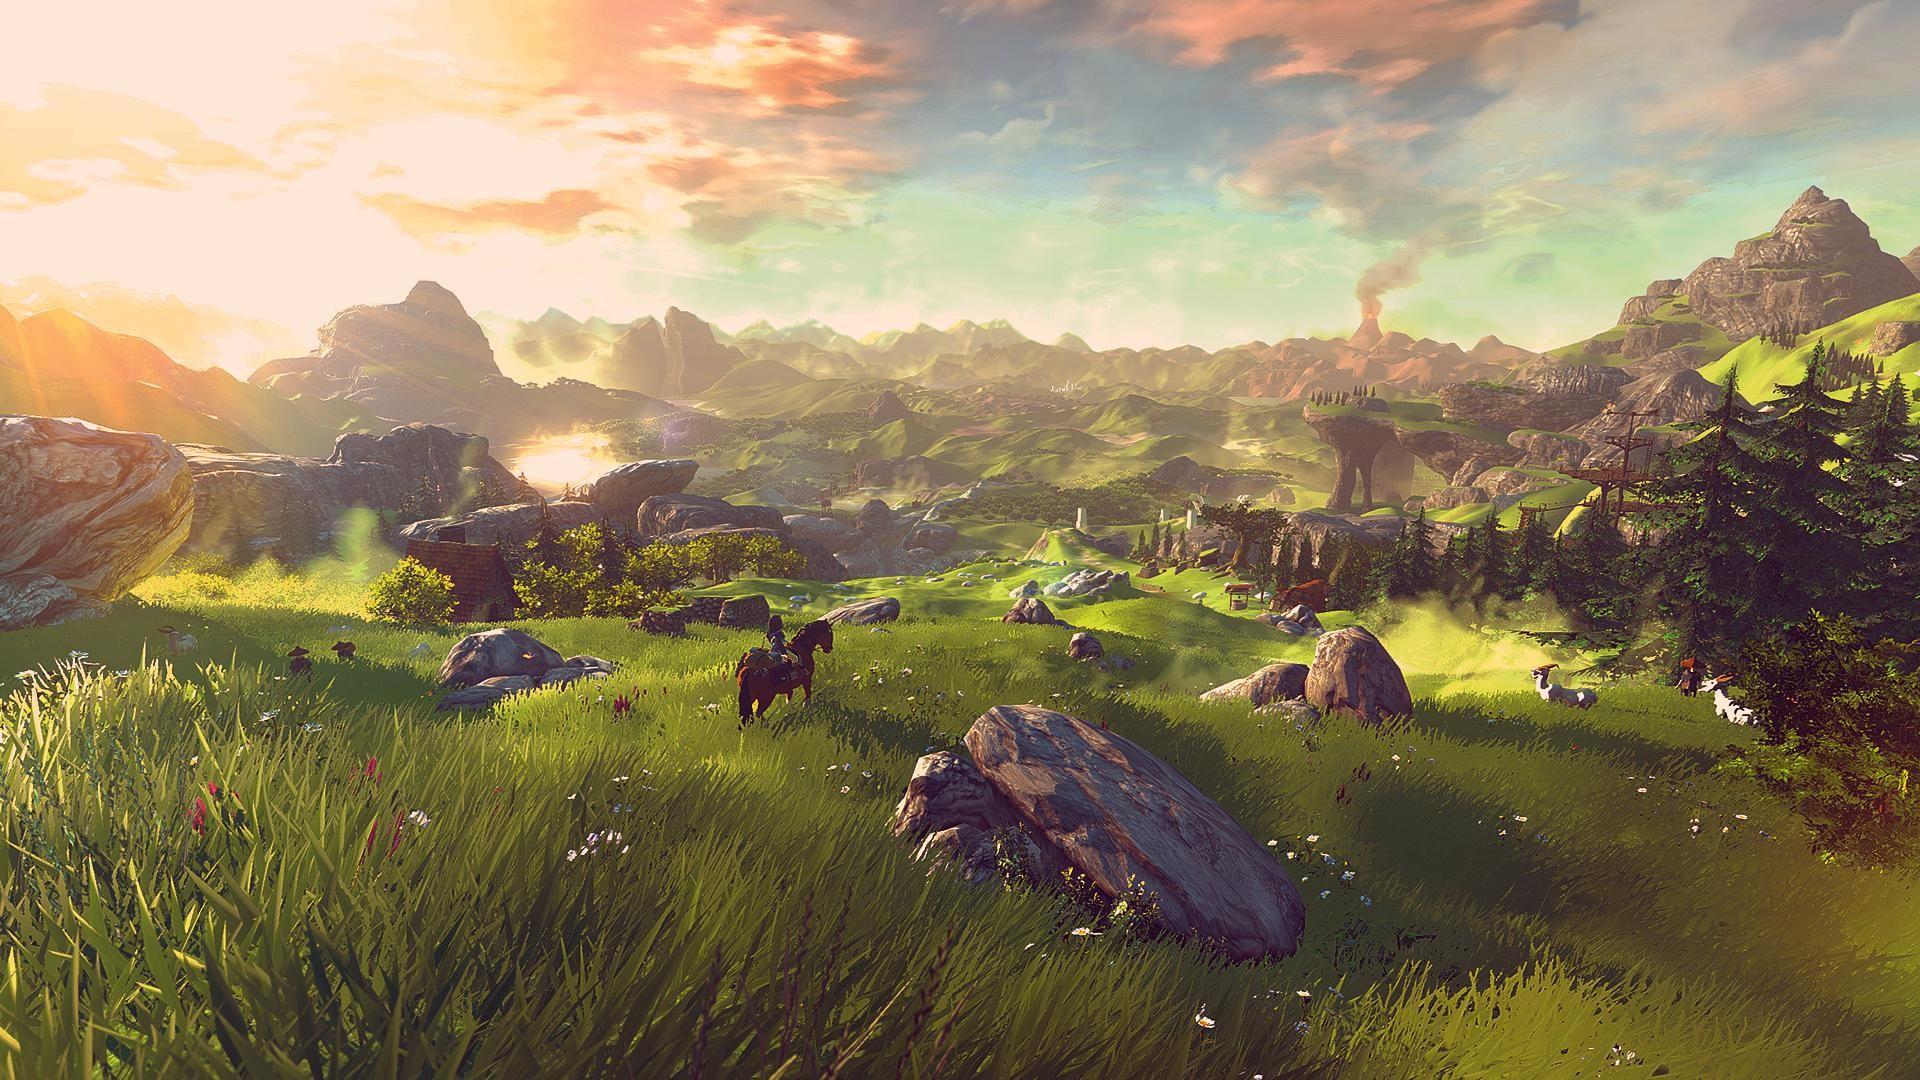 1080p Zelda Wallpaper: HD Zelda Wallpapers (68+ Images